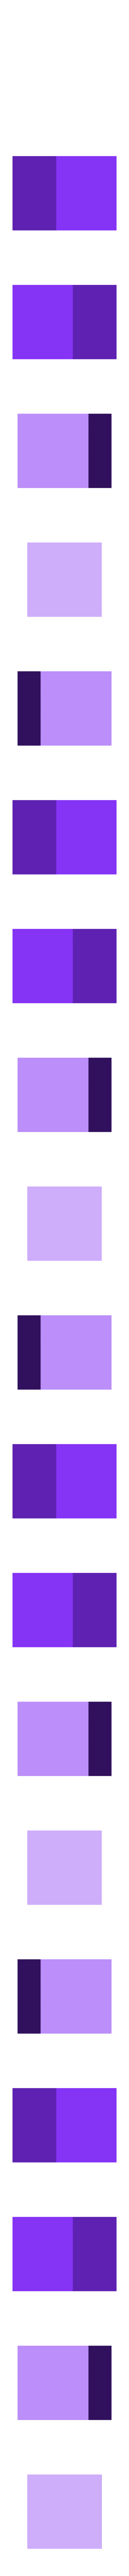 cube_20mm.stl Télécharger fichier STL gratuit Ghostbuster Ghostbuster Ghosttrap • Modèle pour impression 3D, SLIDES